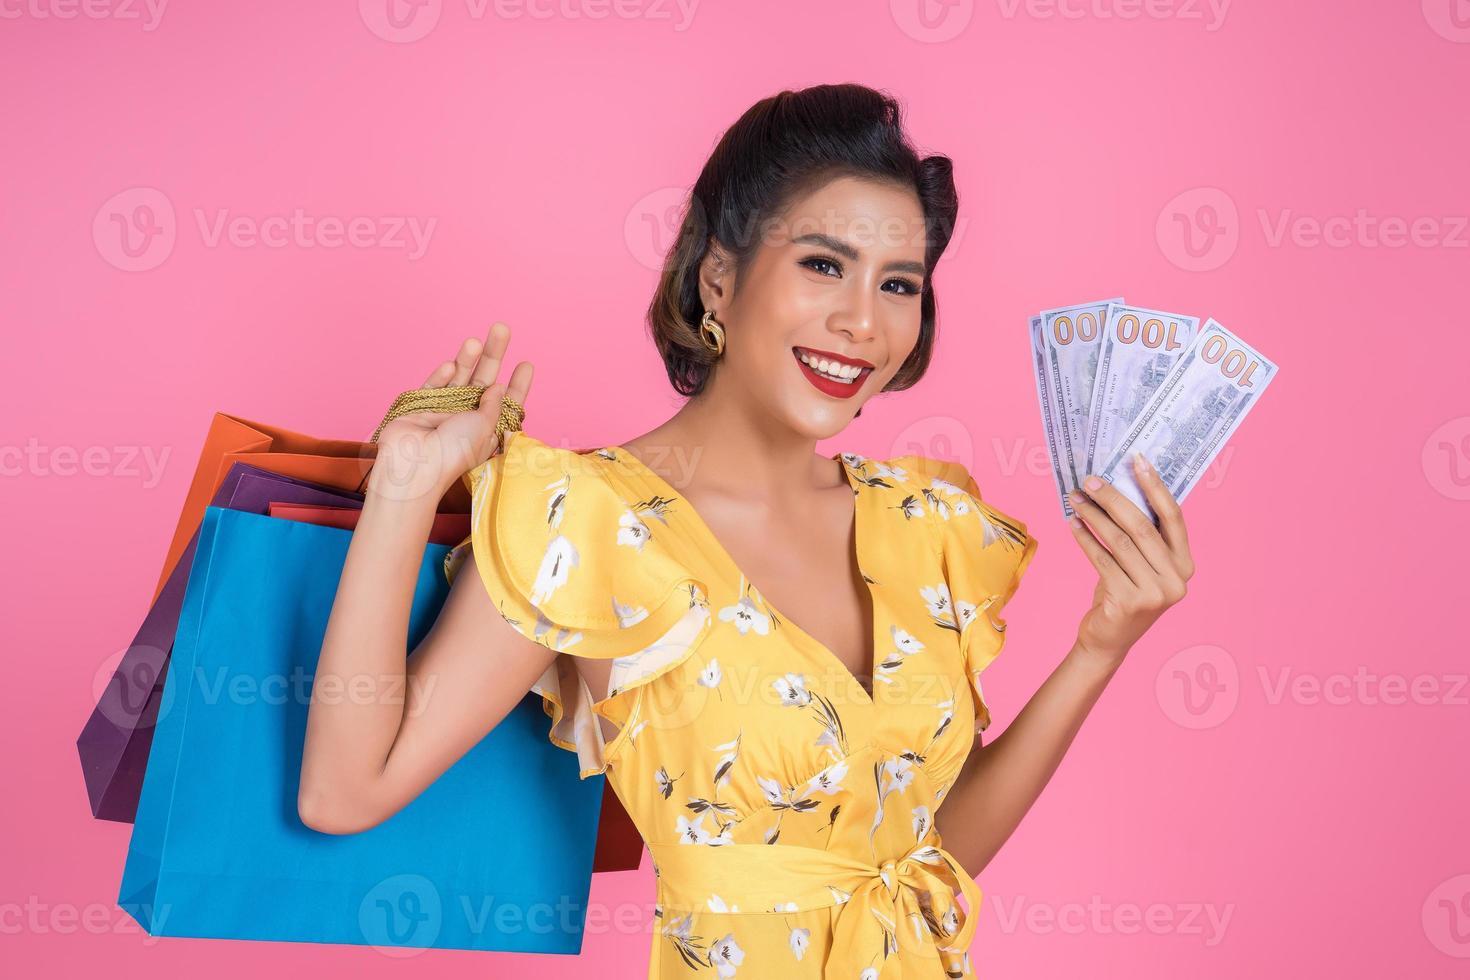 felice f donna alla moda tenendo i soldi per lo shopping foto